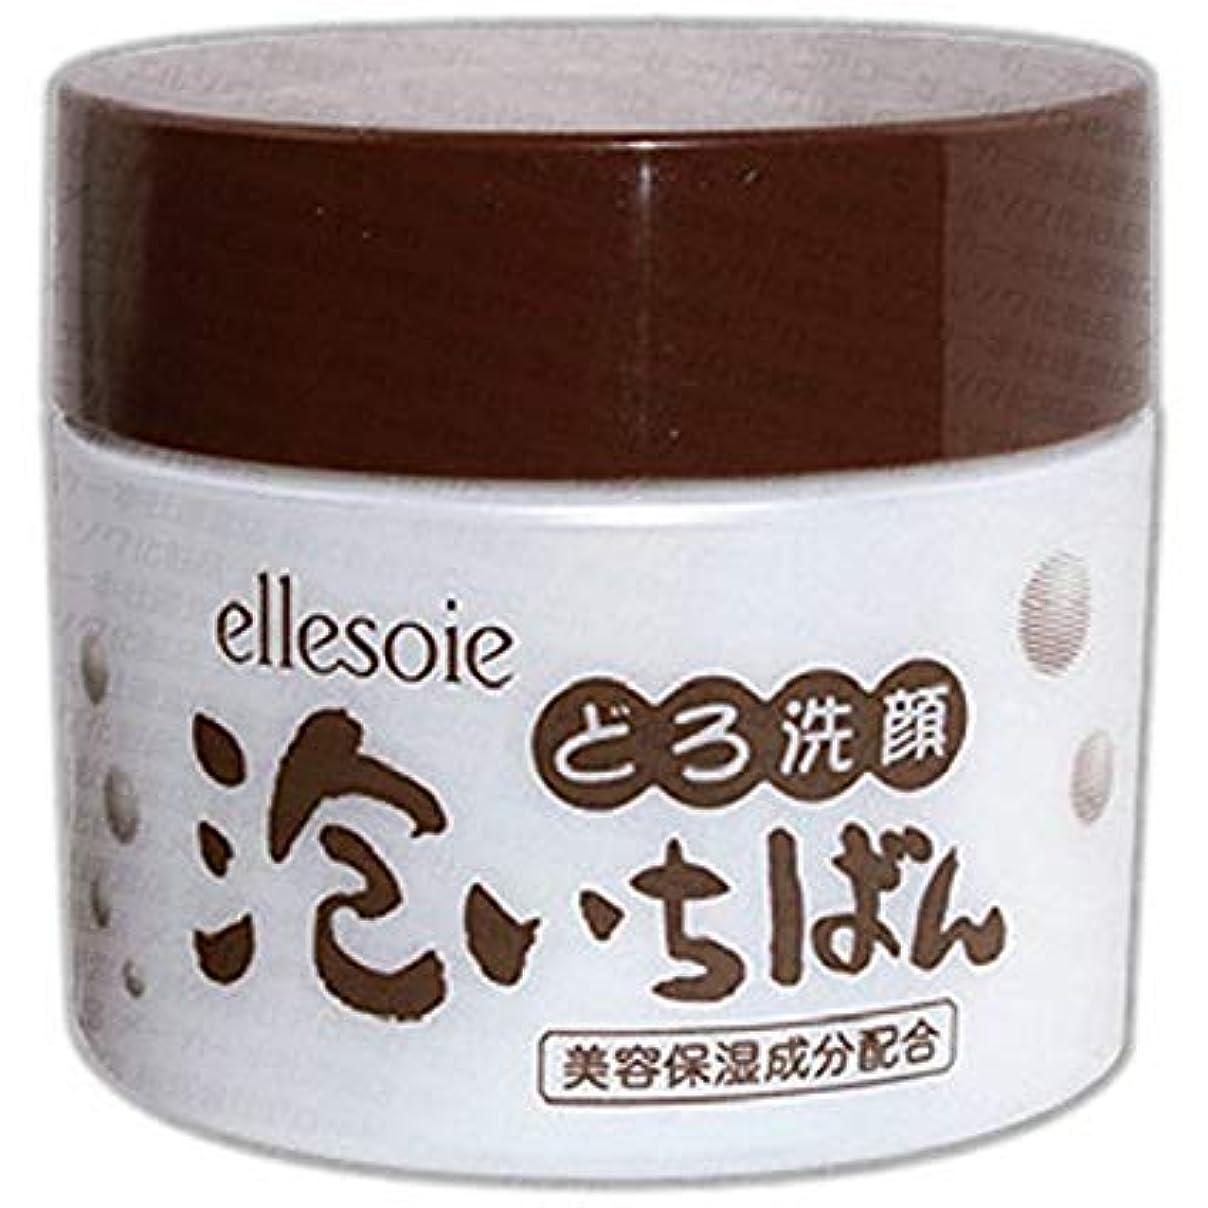 険しい高く外観エルソワ化粧品(ellesoie) どろ洗顔 泡いちばん 120g入り (ジャー容器入り120g)